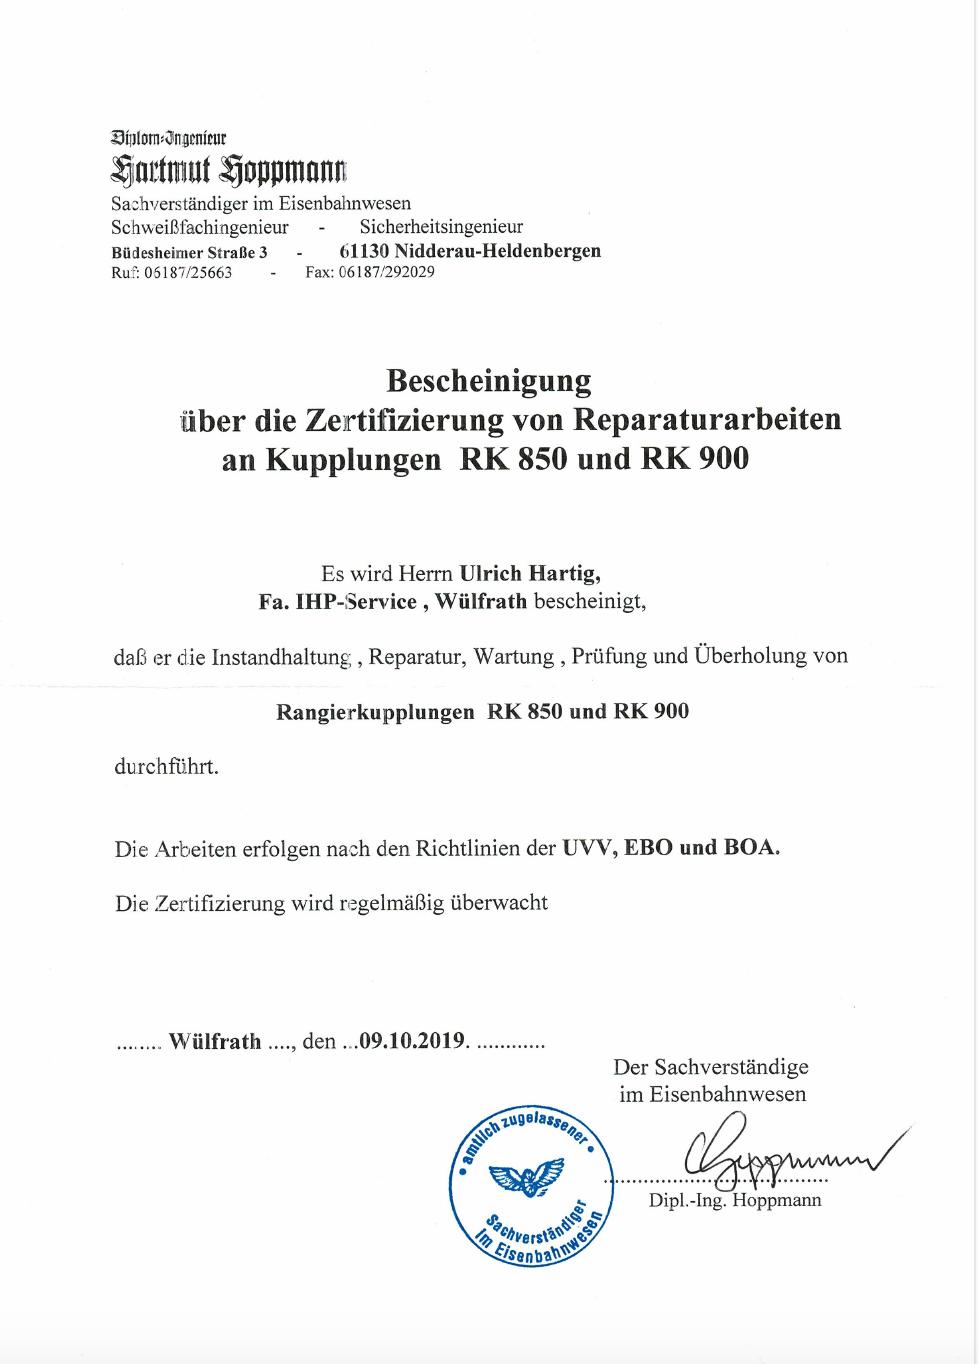 Zertifizierung Rangierkupplungen